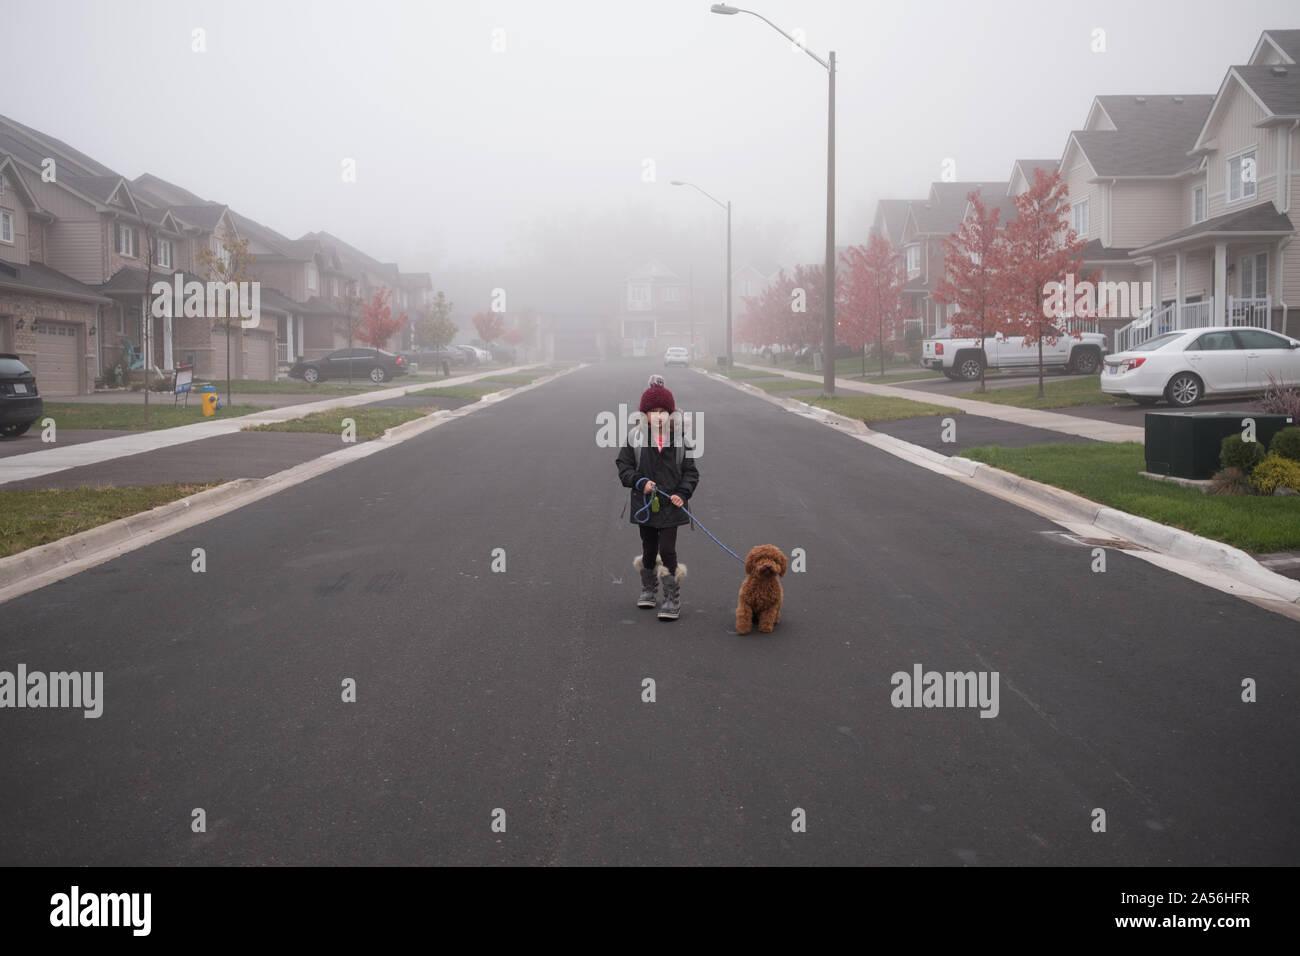 Chica paseando a un perro en medio de misty suburban road, retrato de longitud completa Foto de stock